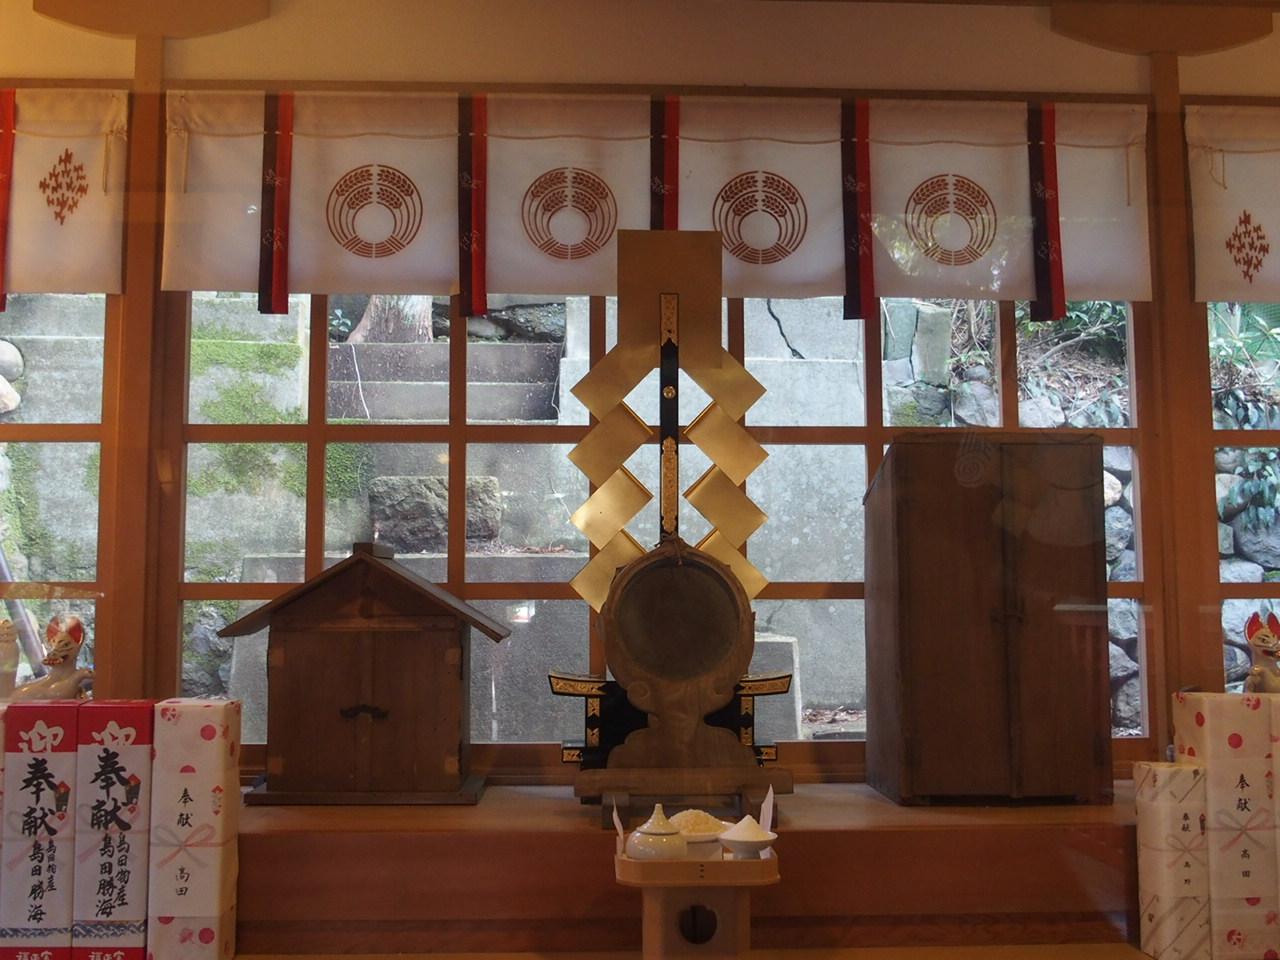 金沢の石浦神社の広坂稲荷神社の拝殿